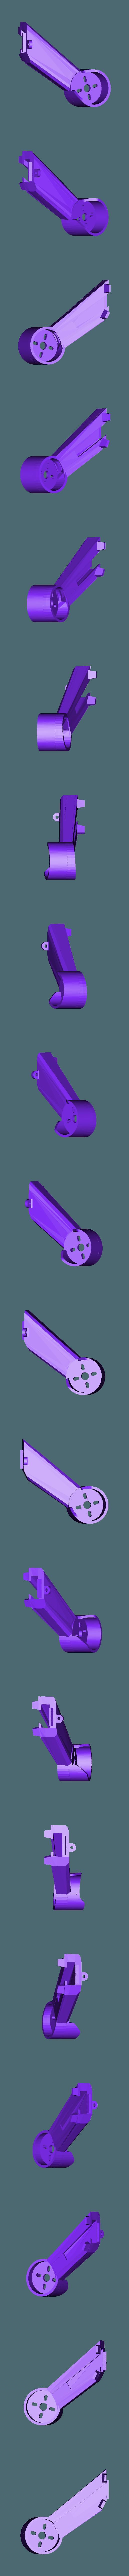 Sp_drone_arm_front_left.stl Télécharger fichier STL gratuit Drone Sprank (bourdon de course avec cardan à came) • Objet pour impression 3D, mwilmars